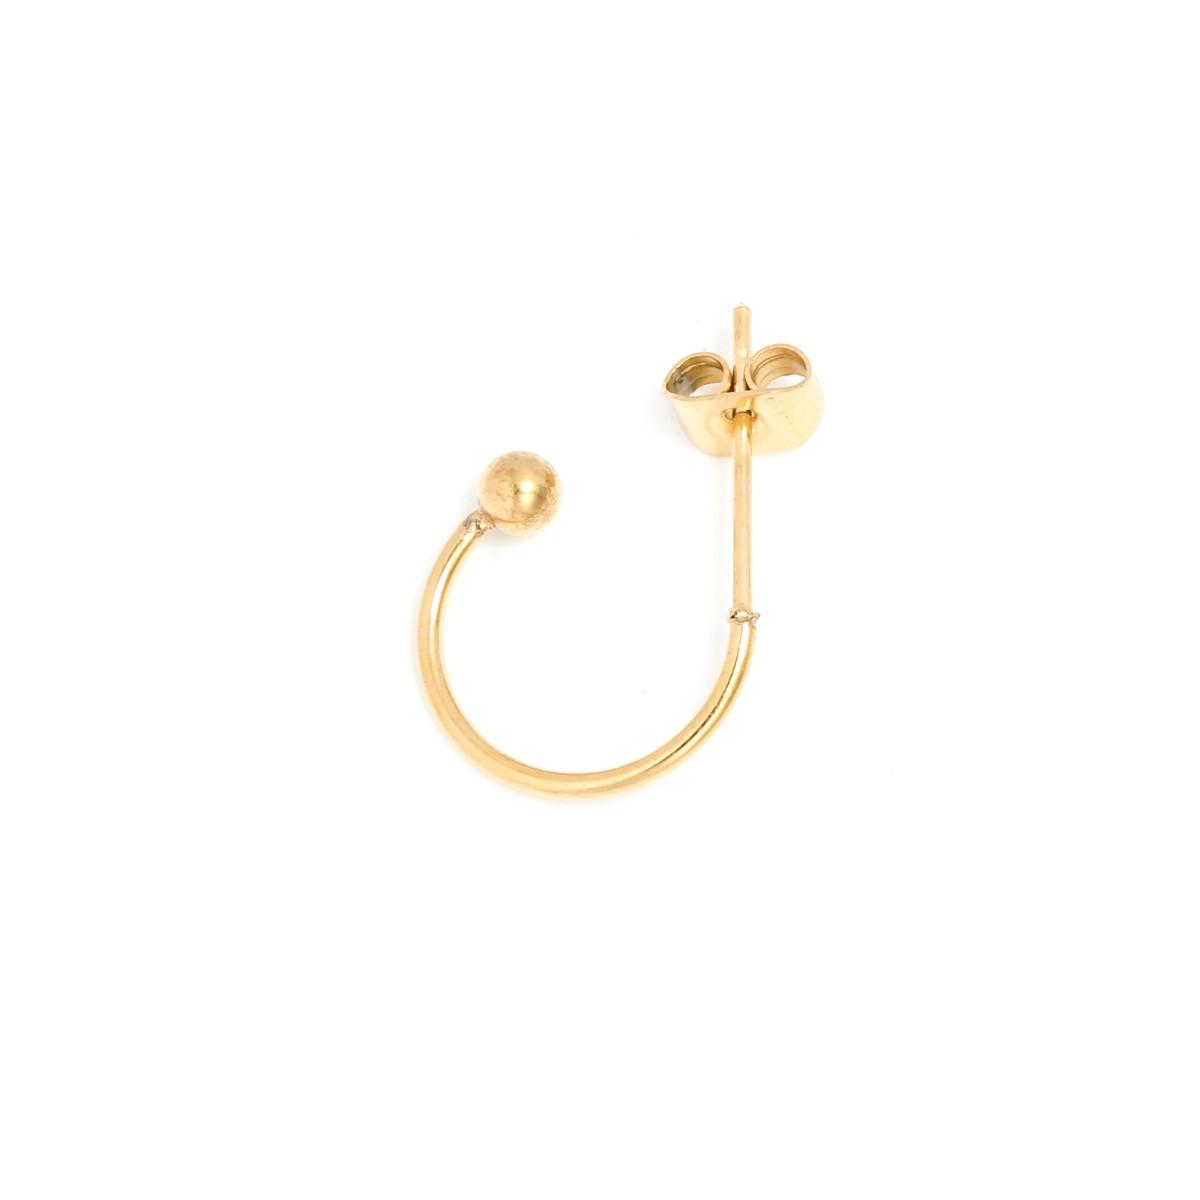 oorsteker-creool-stainless-steel-goud-15mm-per-paar